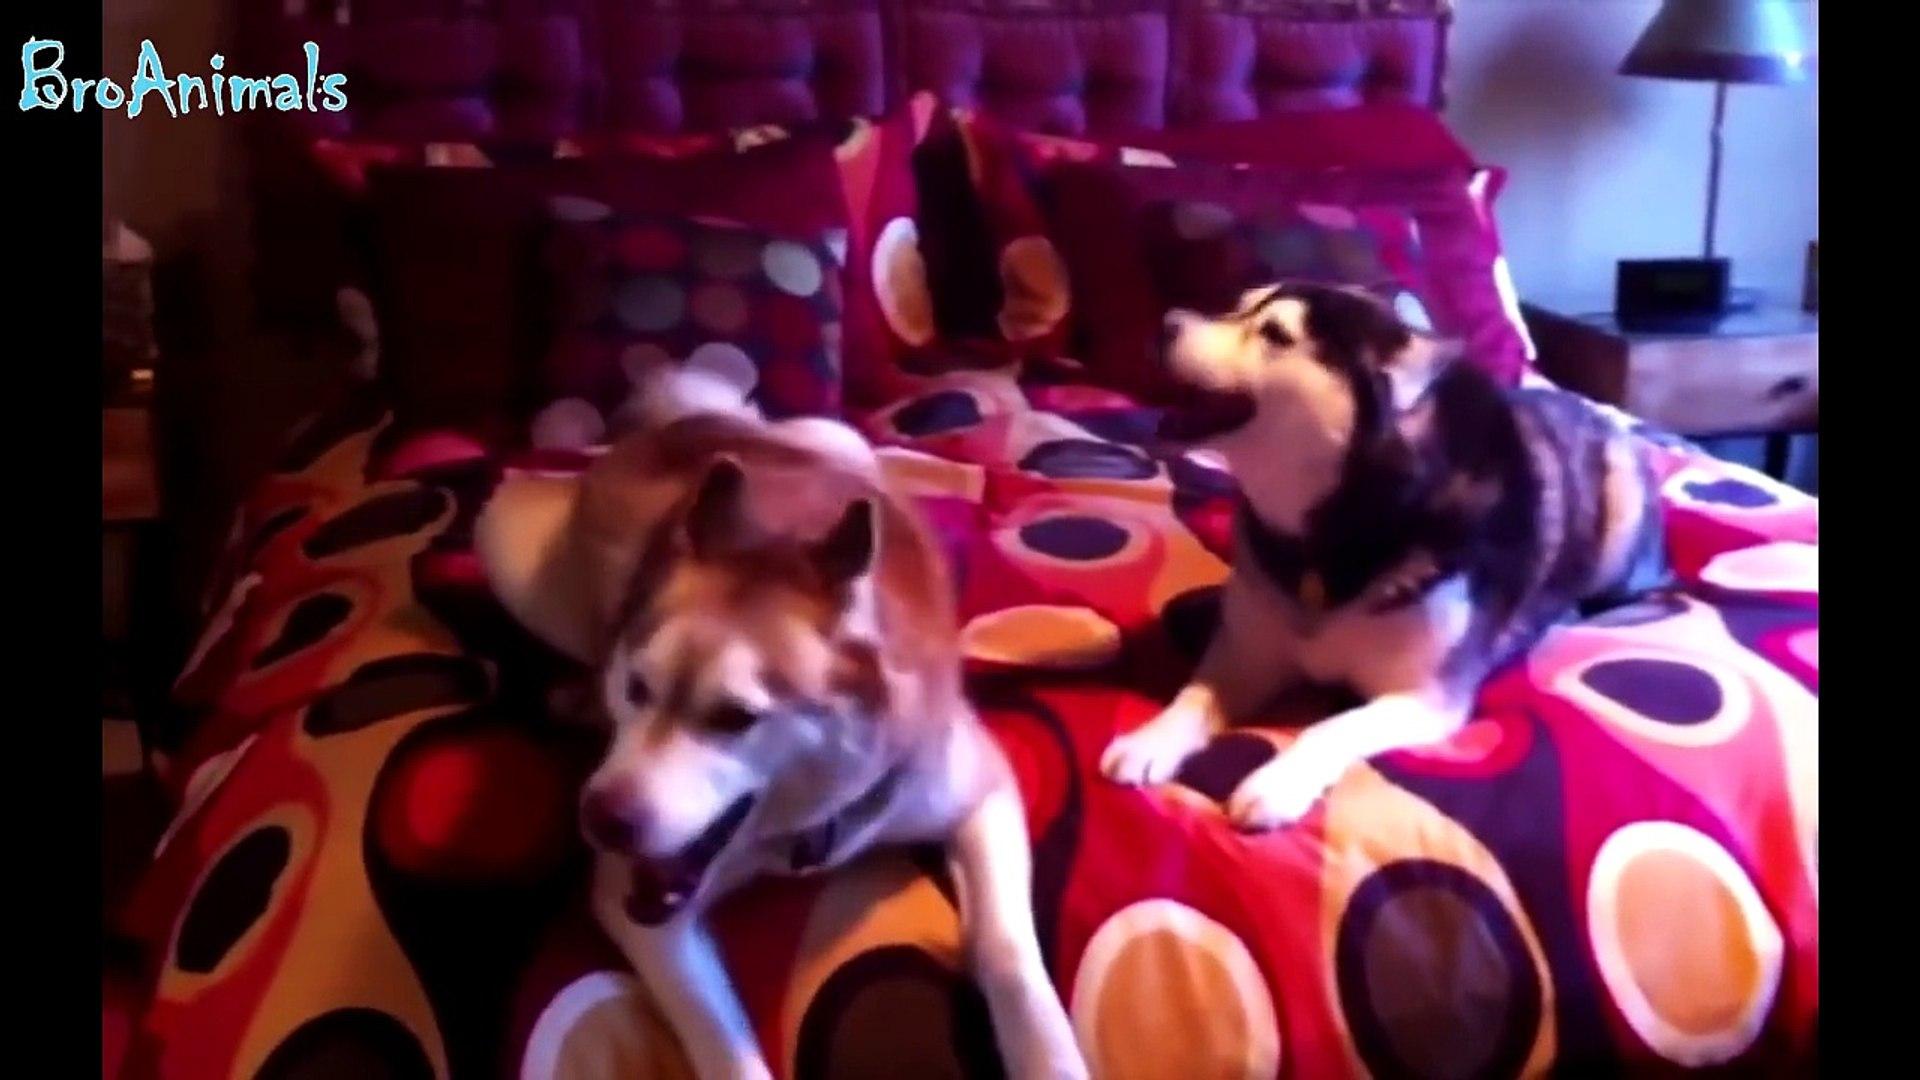 ПРИКОЛЫ С ЖИВОТНЫМИ, приколы с собаками подборка - FUN WITH ANIMALS, funny dogs compilation #417